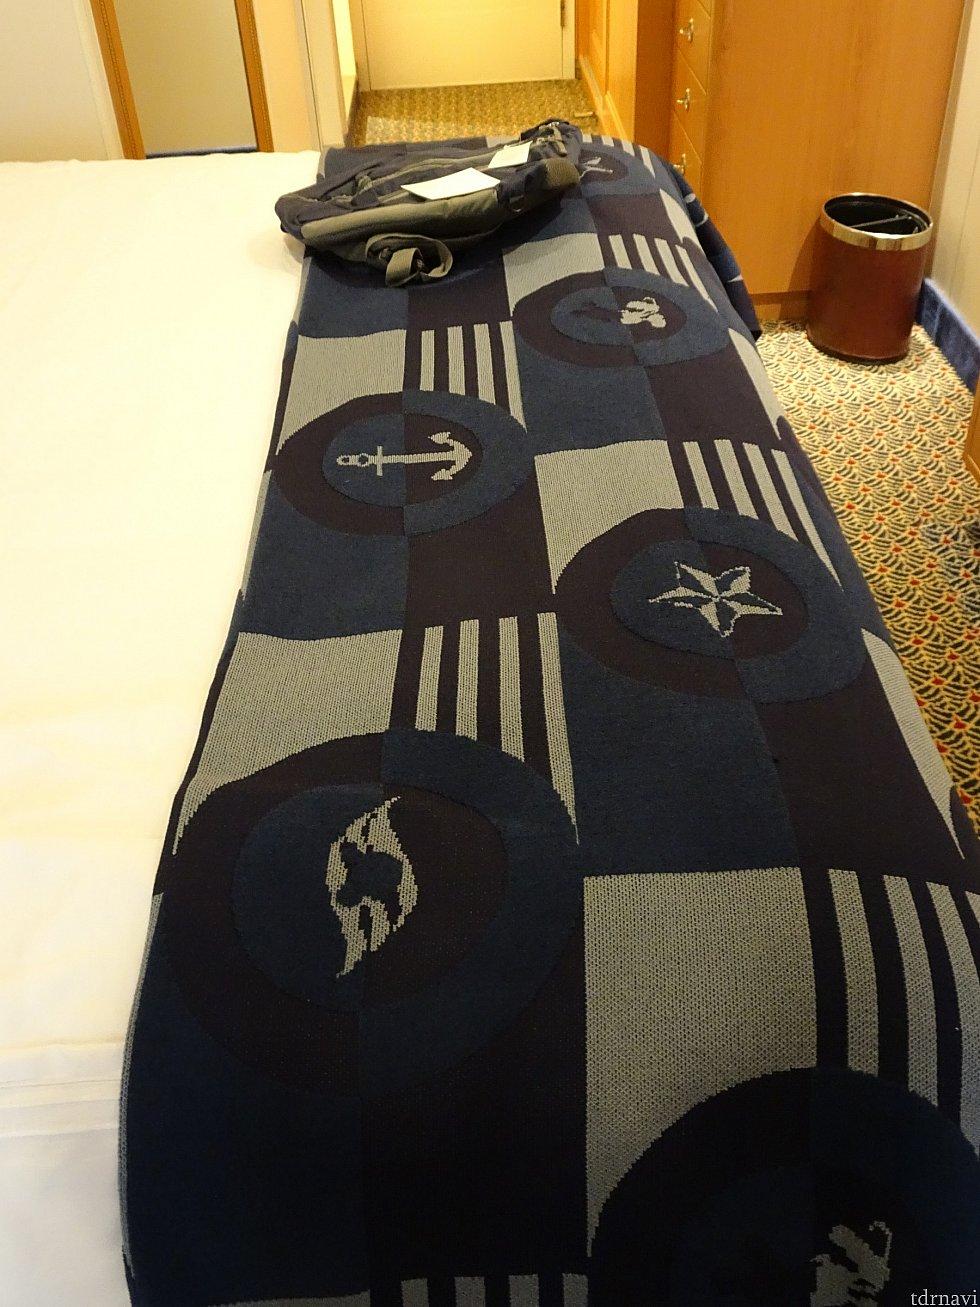 ベッド足元です。奥に写っている引き出しと写っていないですが右側にタンスがあります。